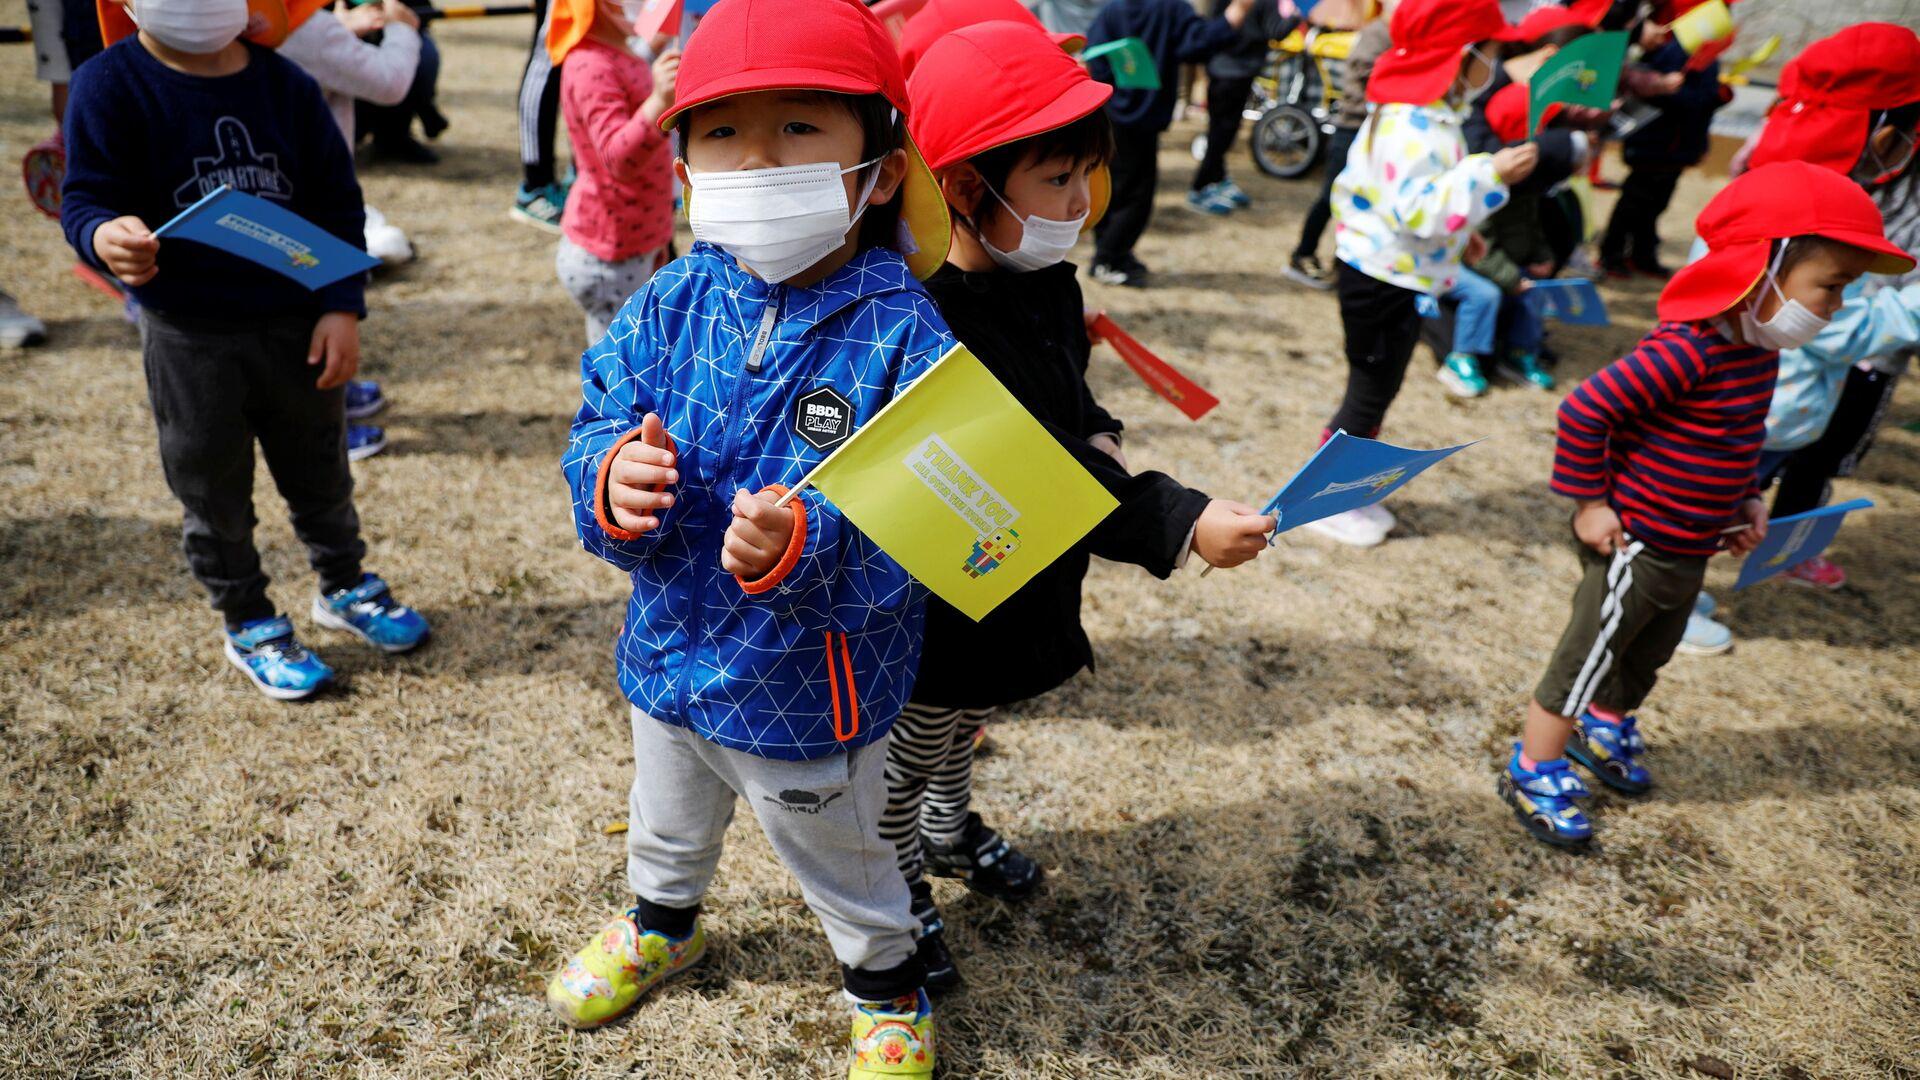 Дети во время эстафеты огня в префектуре Фукусима - Sputnik Italia, 1920, 03.08.2021